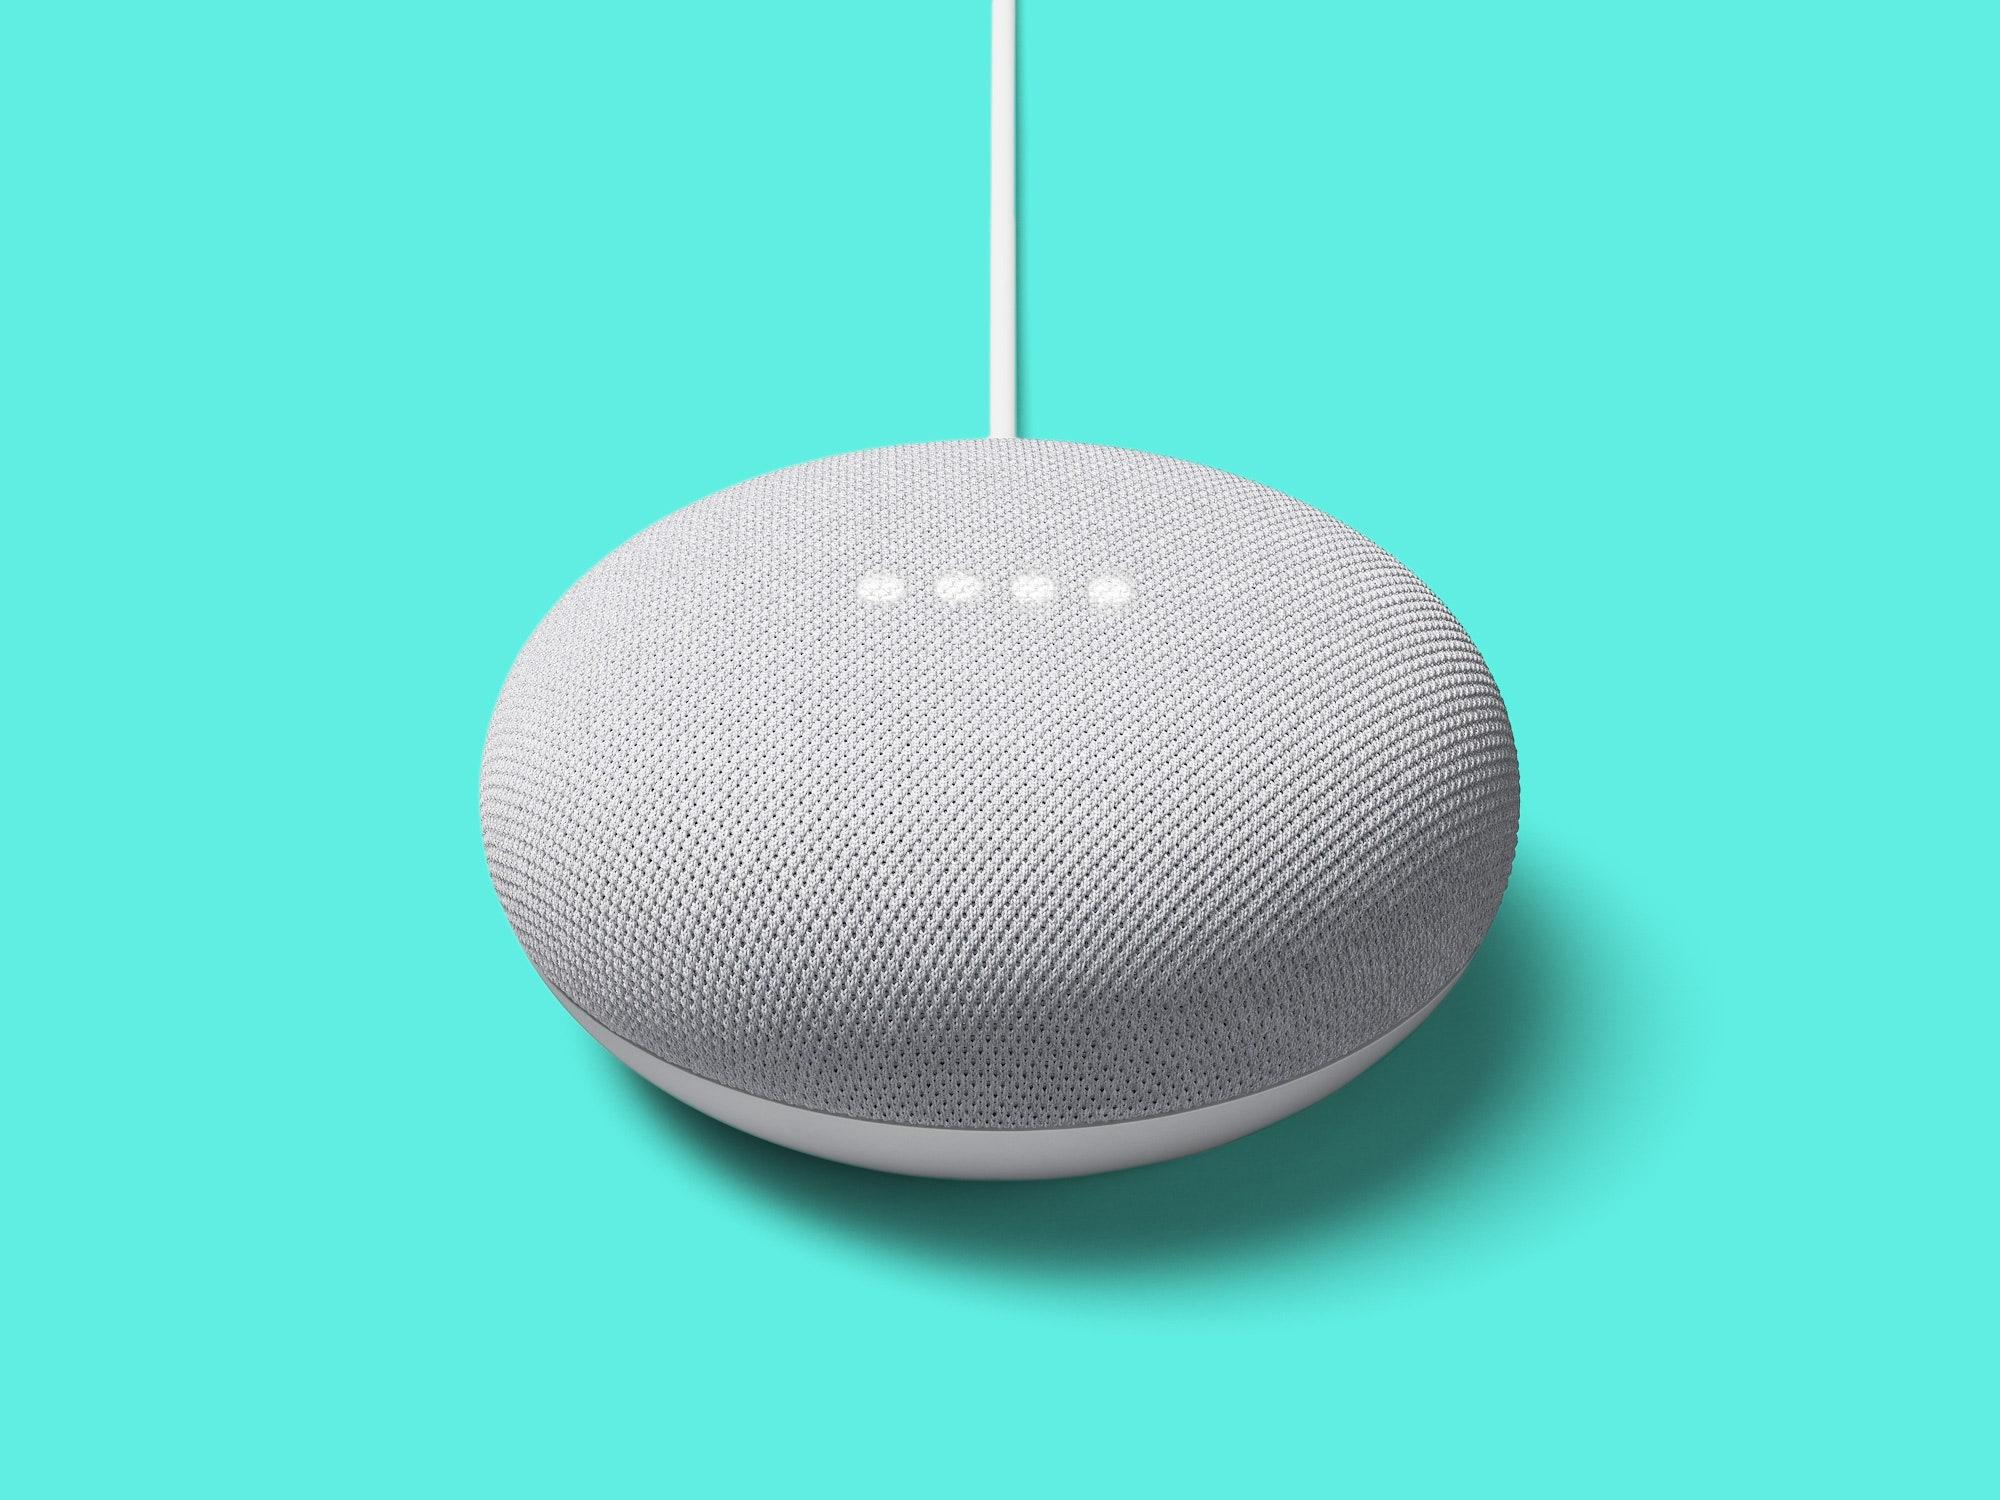 Fotografia de Google Nest Mini em fundo azul.